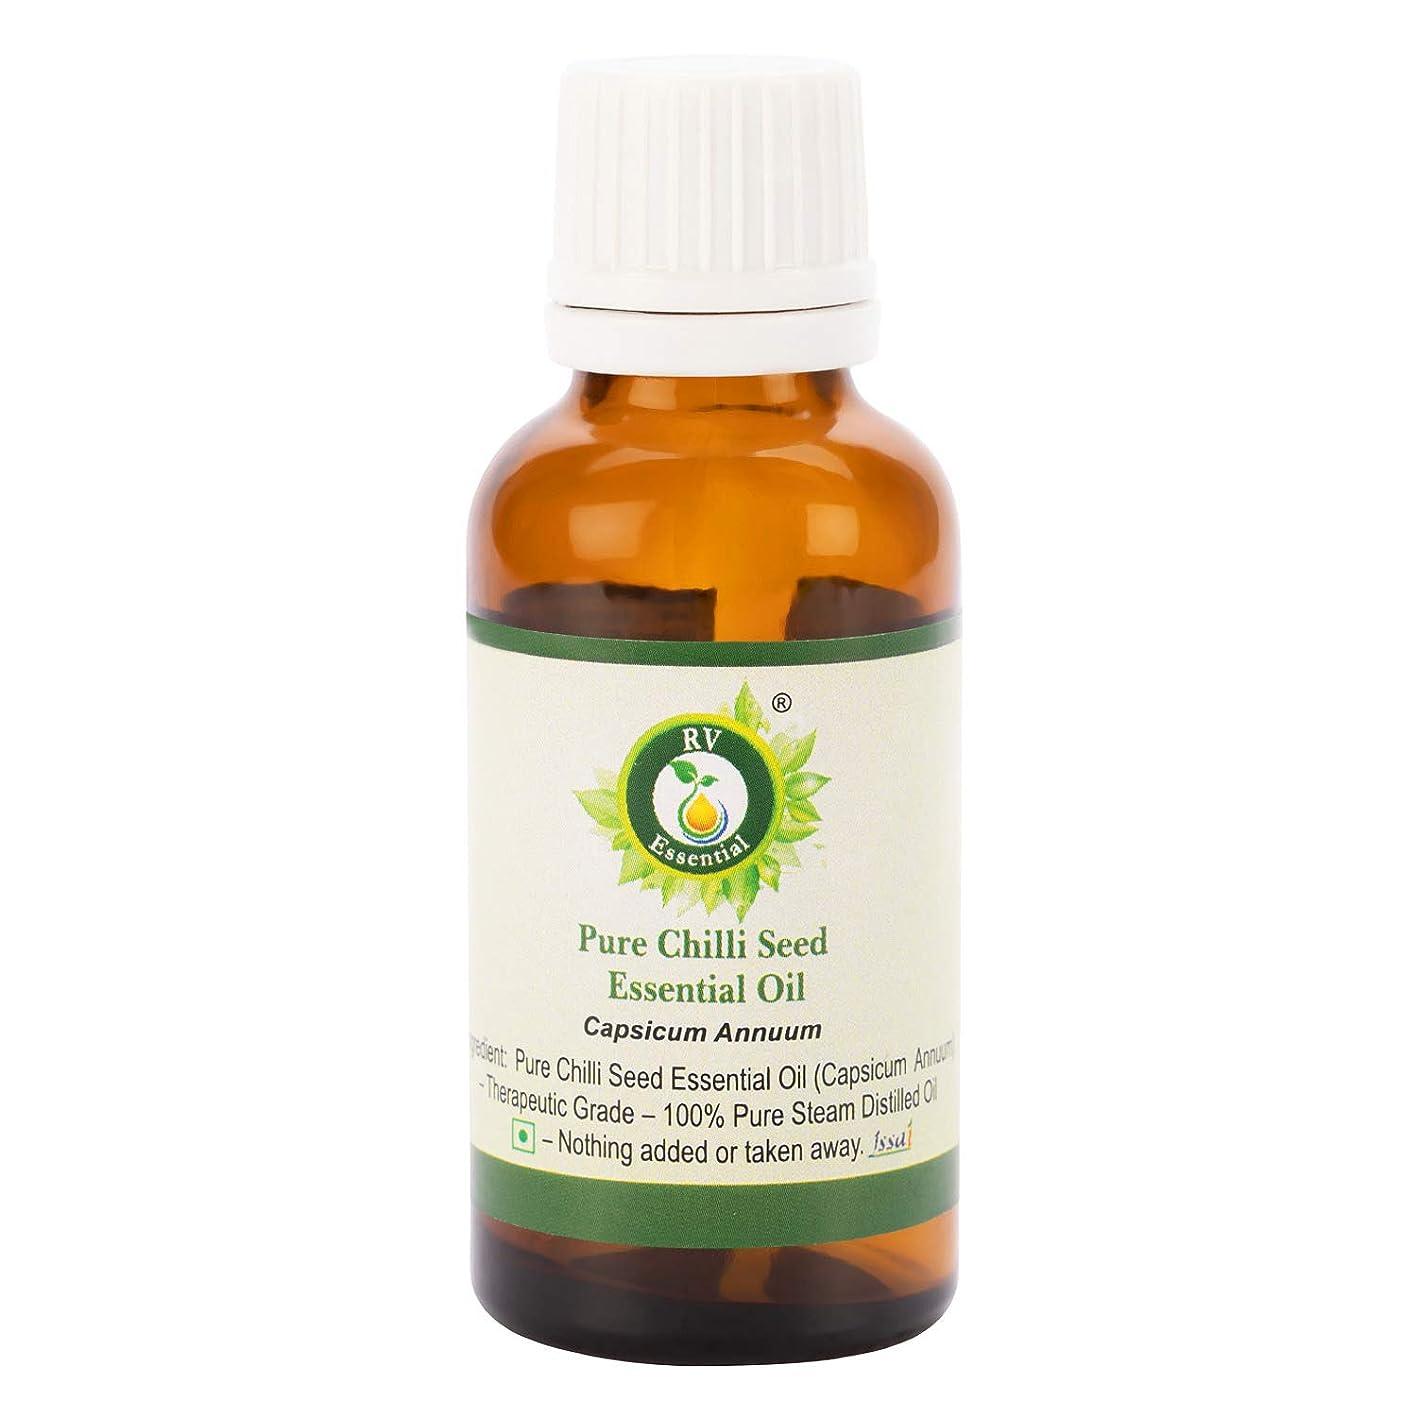 カプセルにおいマリンピュアチリシードエッセンシャルオイル100ml (3.38oz)- Capsicum Annuum (100%純粋&天然スチームDistilled) Pure Chilli Seed Essential Oil